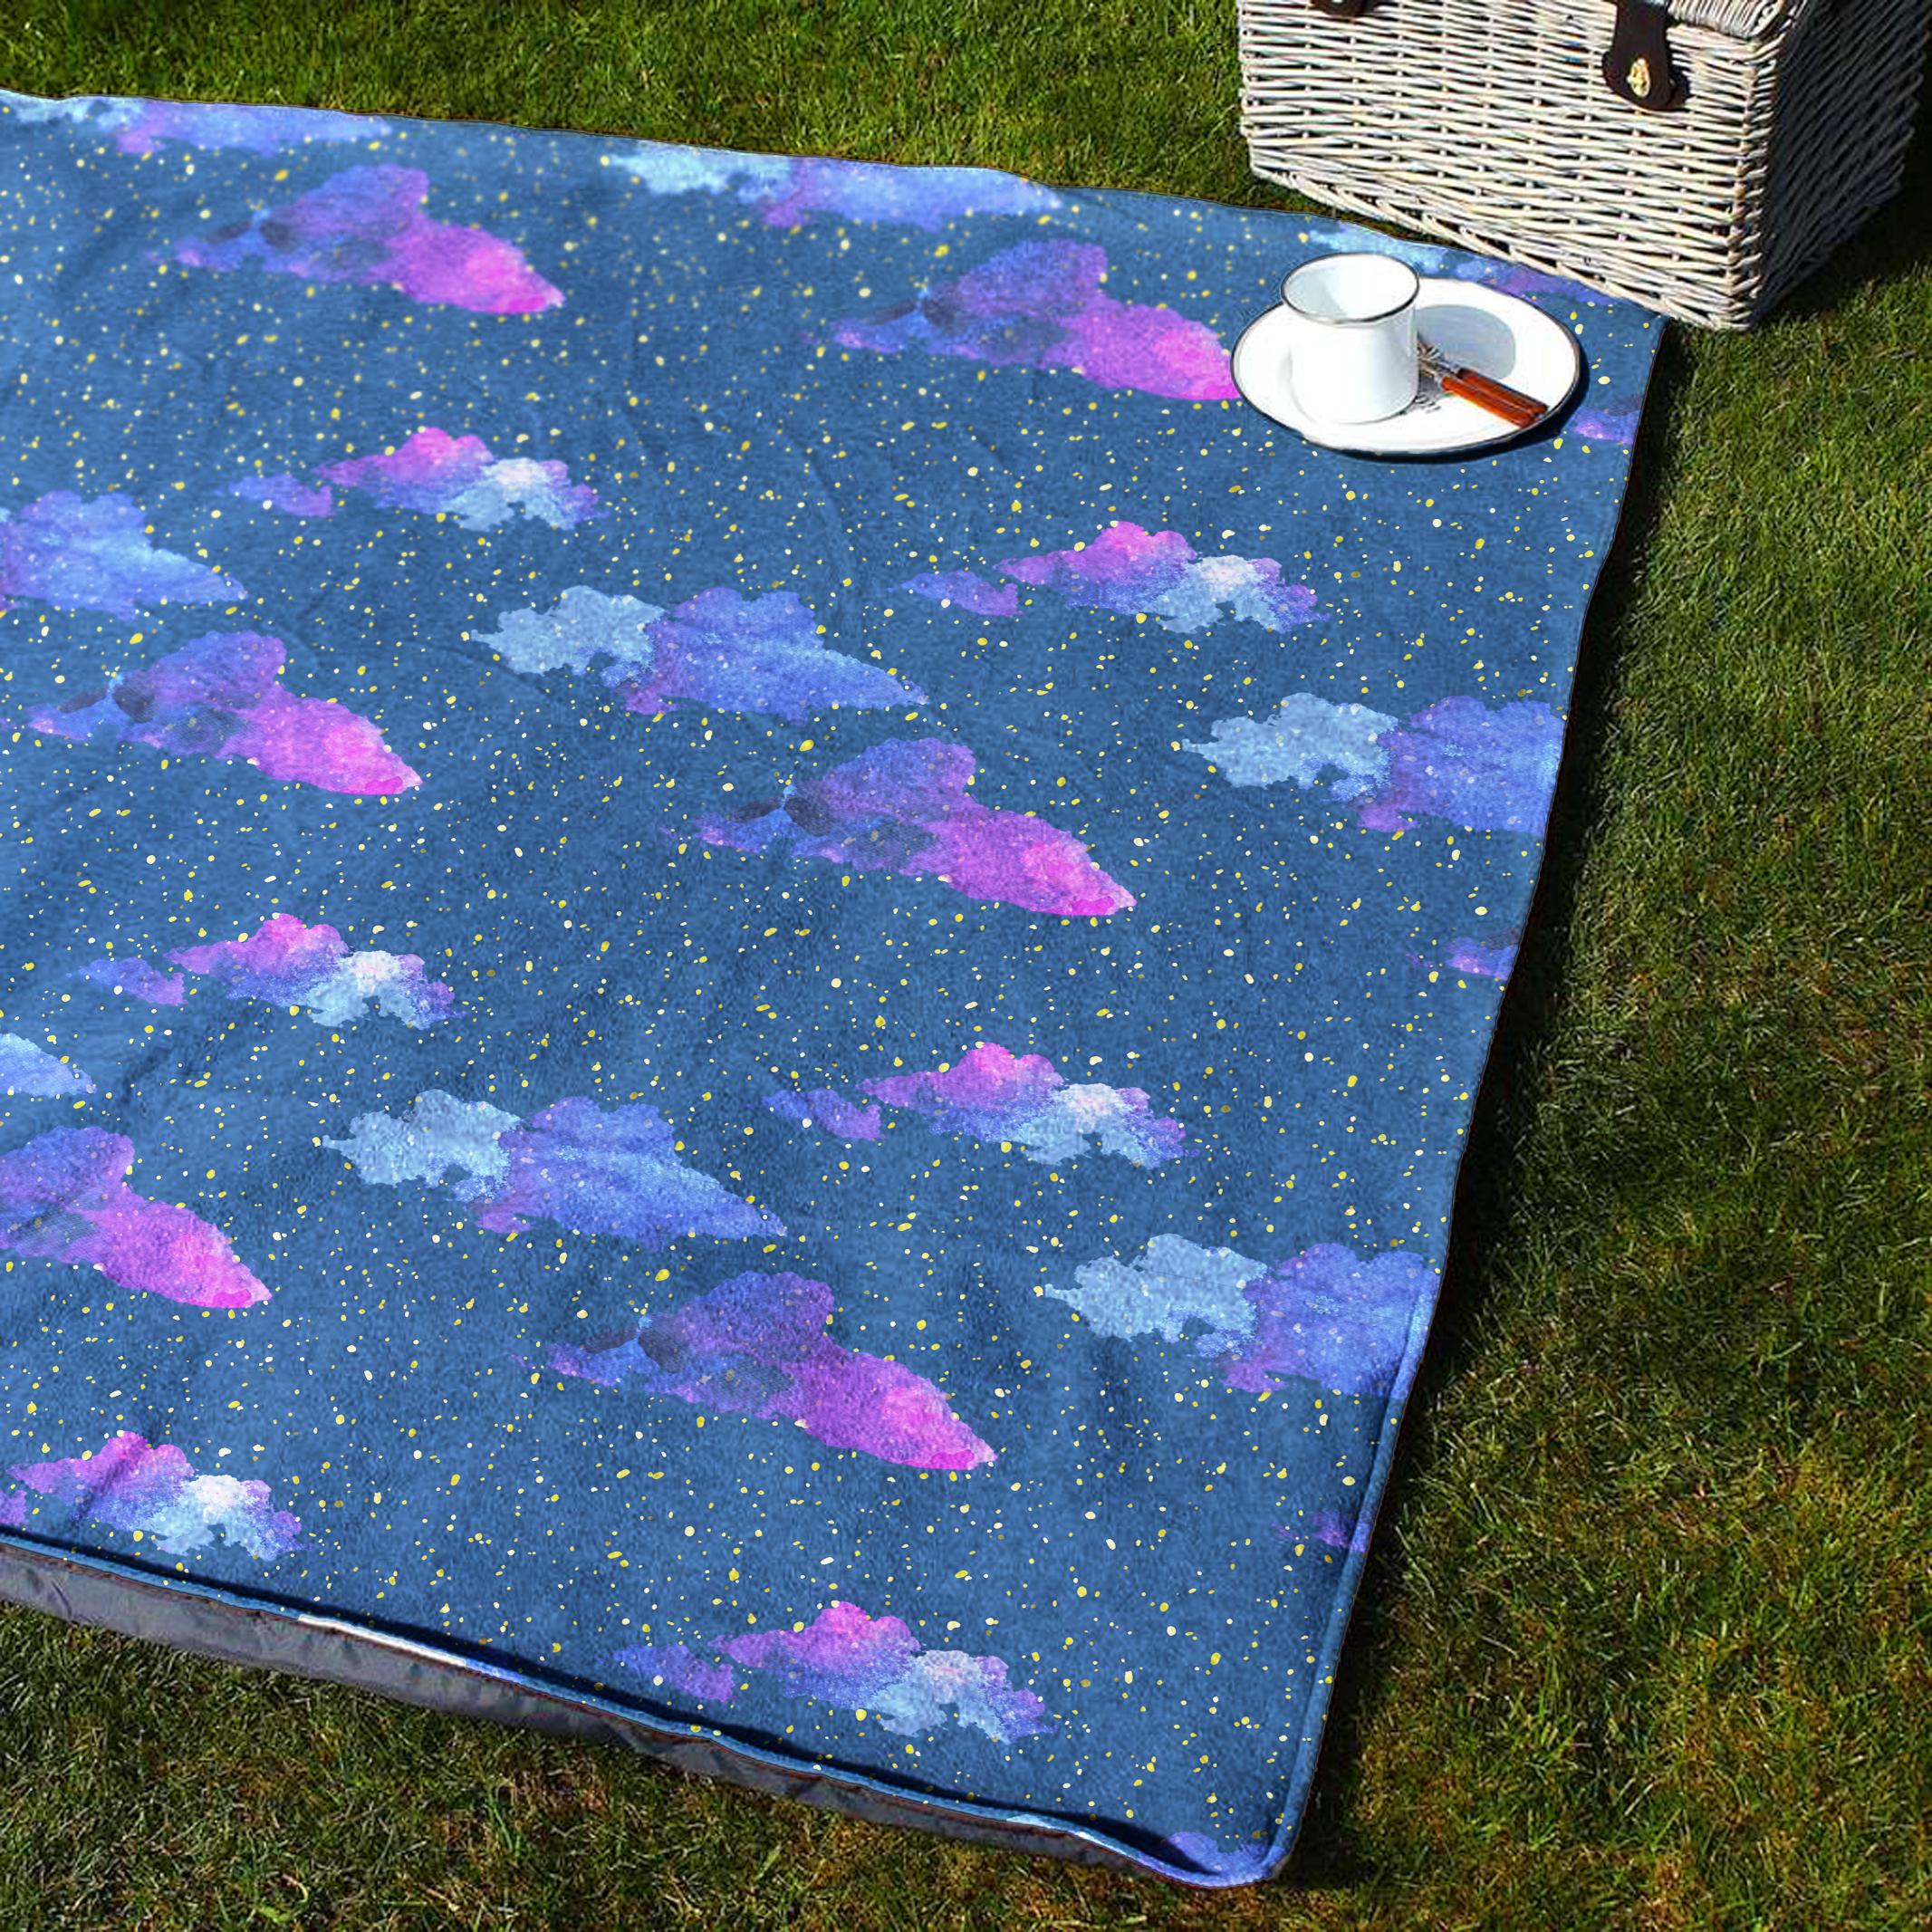 The Stars Picnic Blanket.jpg